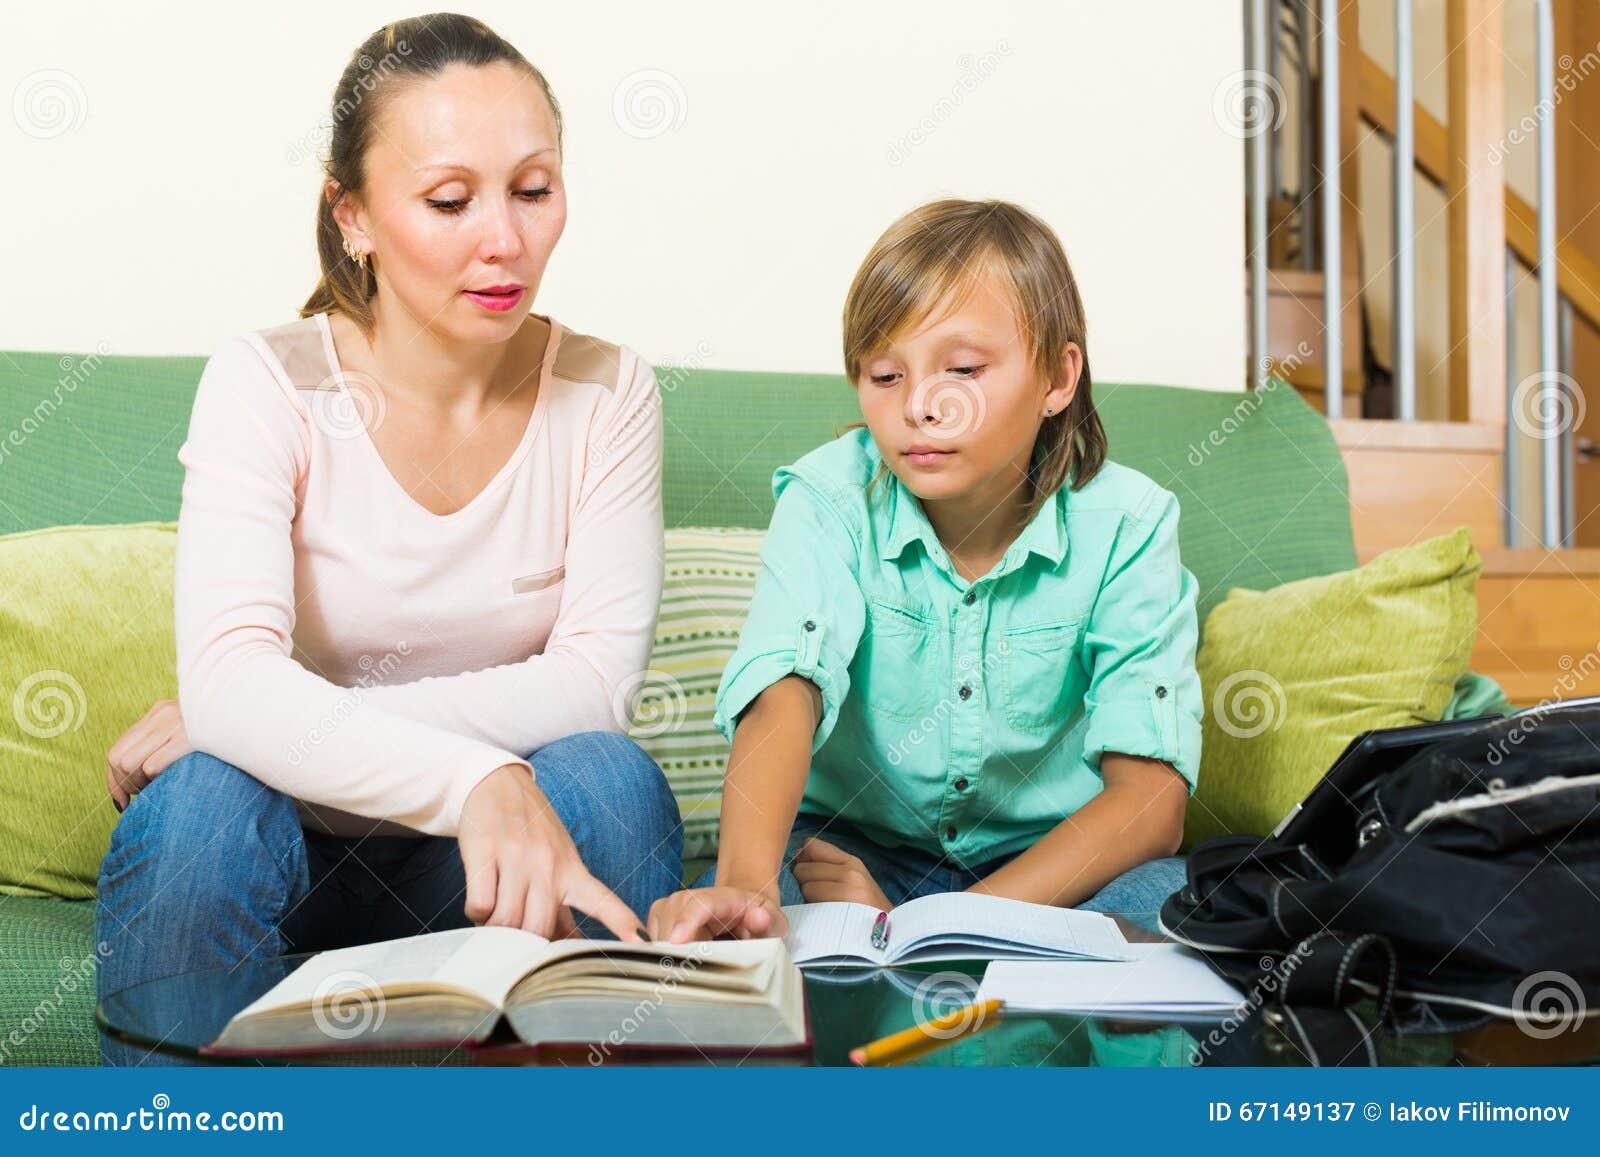 son lies about doing homework